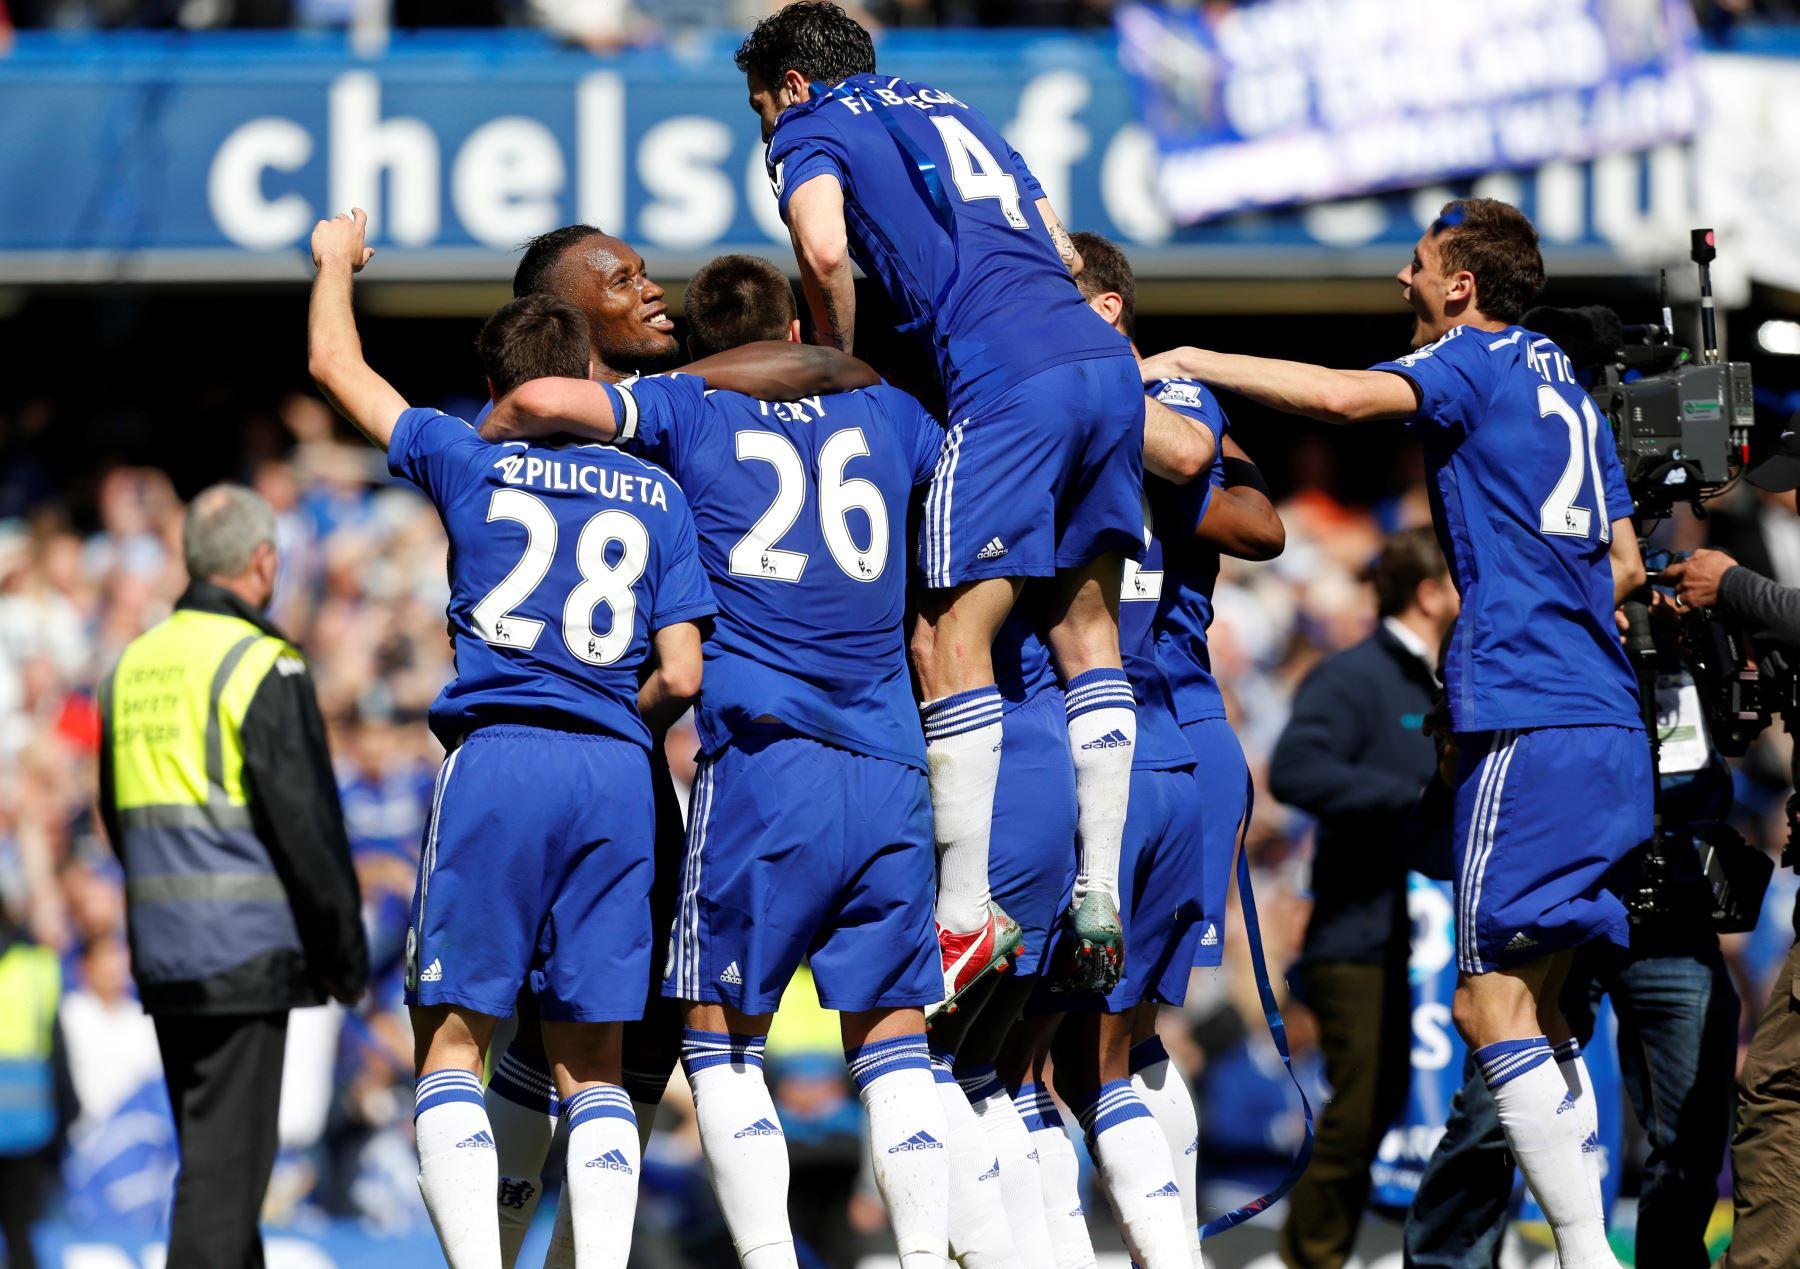 El Chelsea ya es campeón